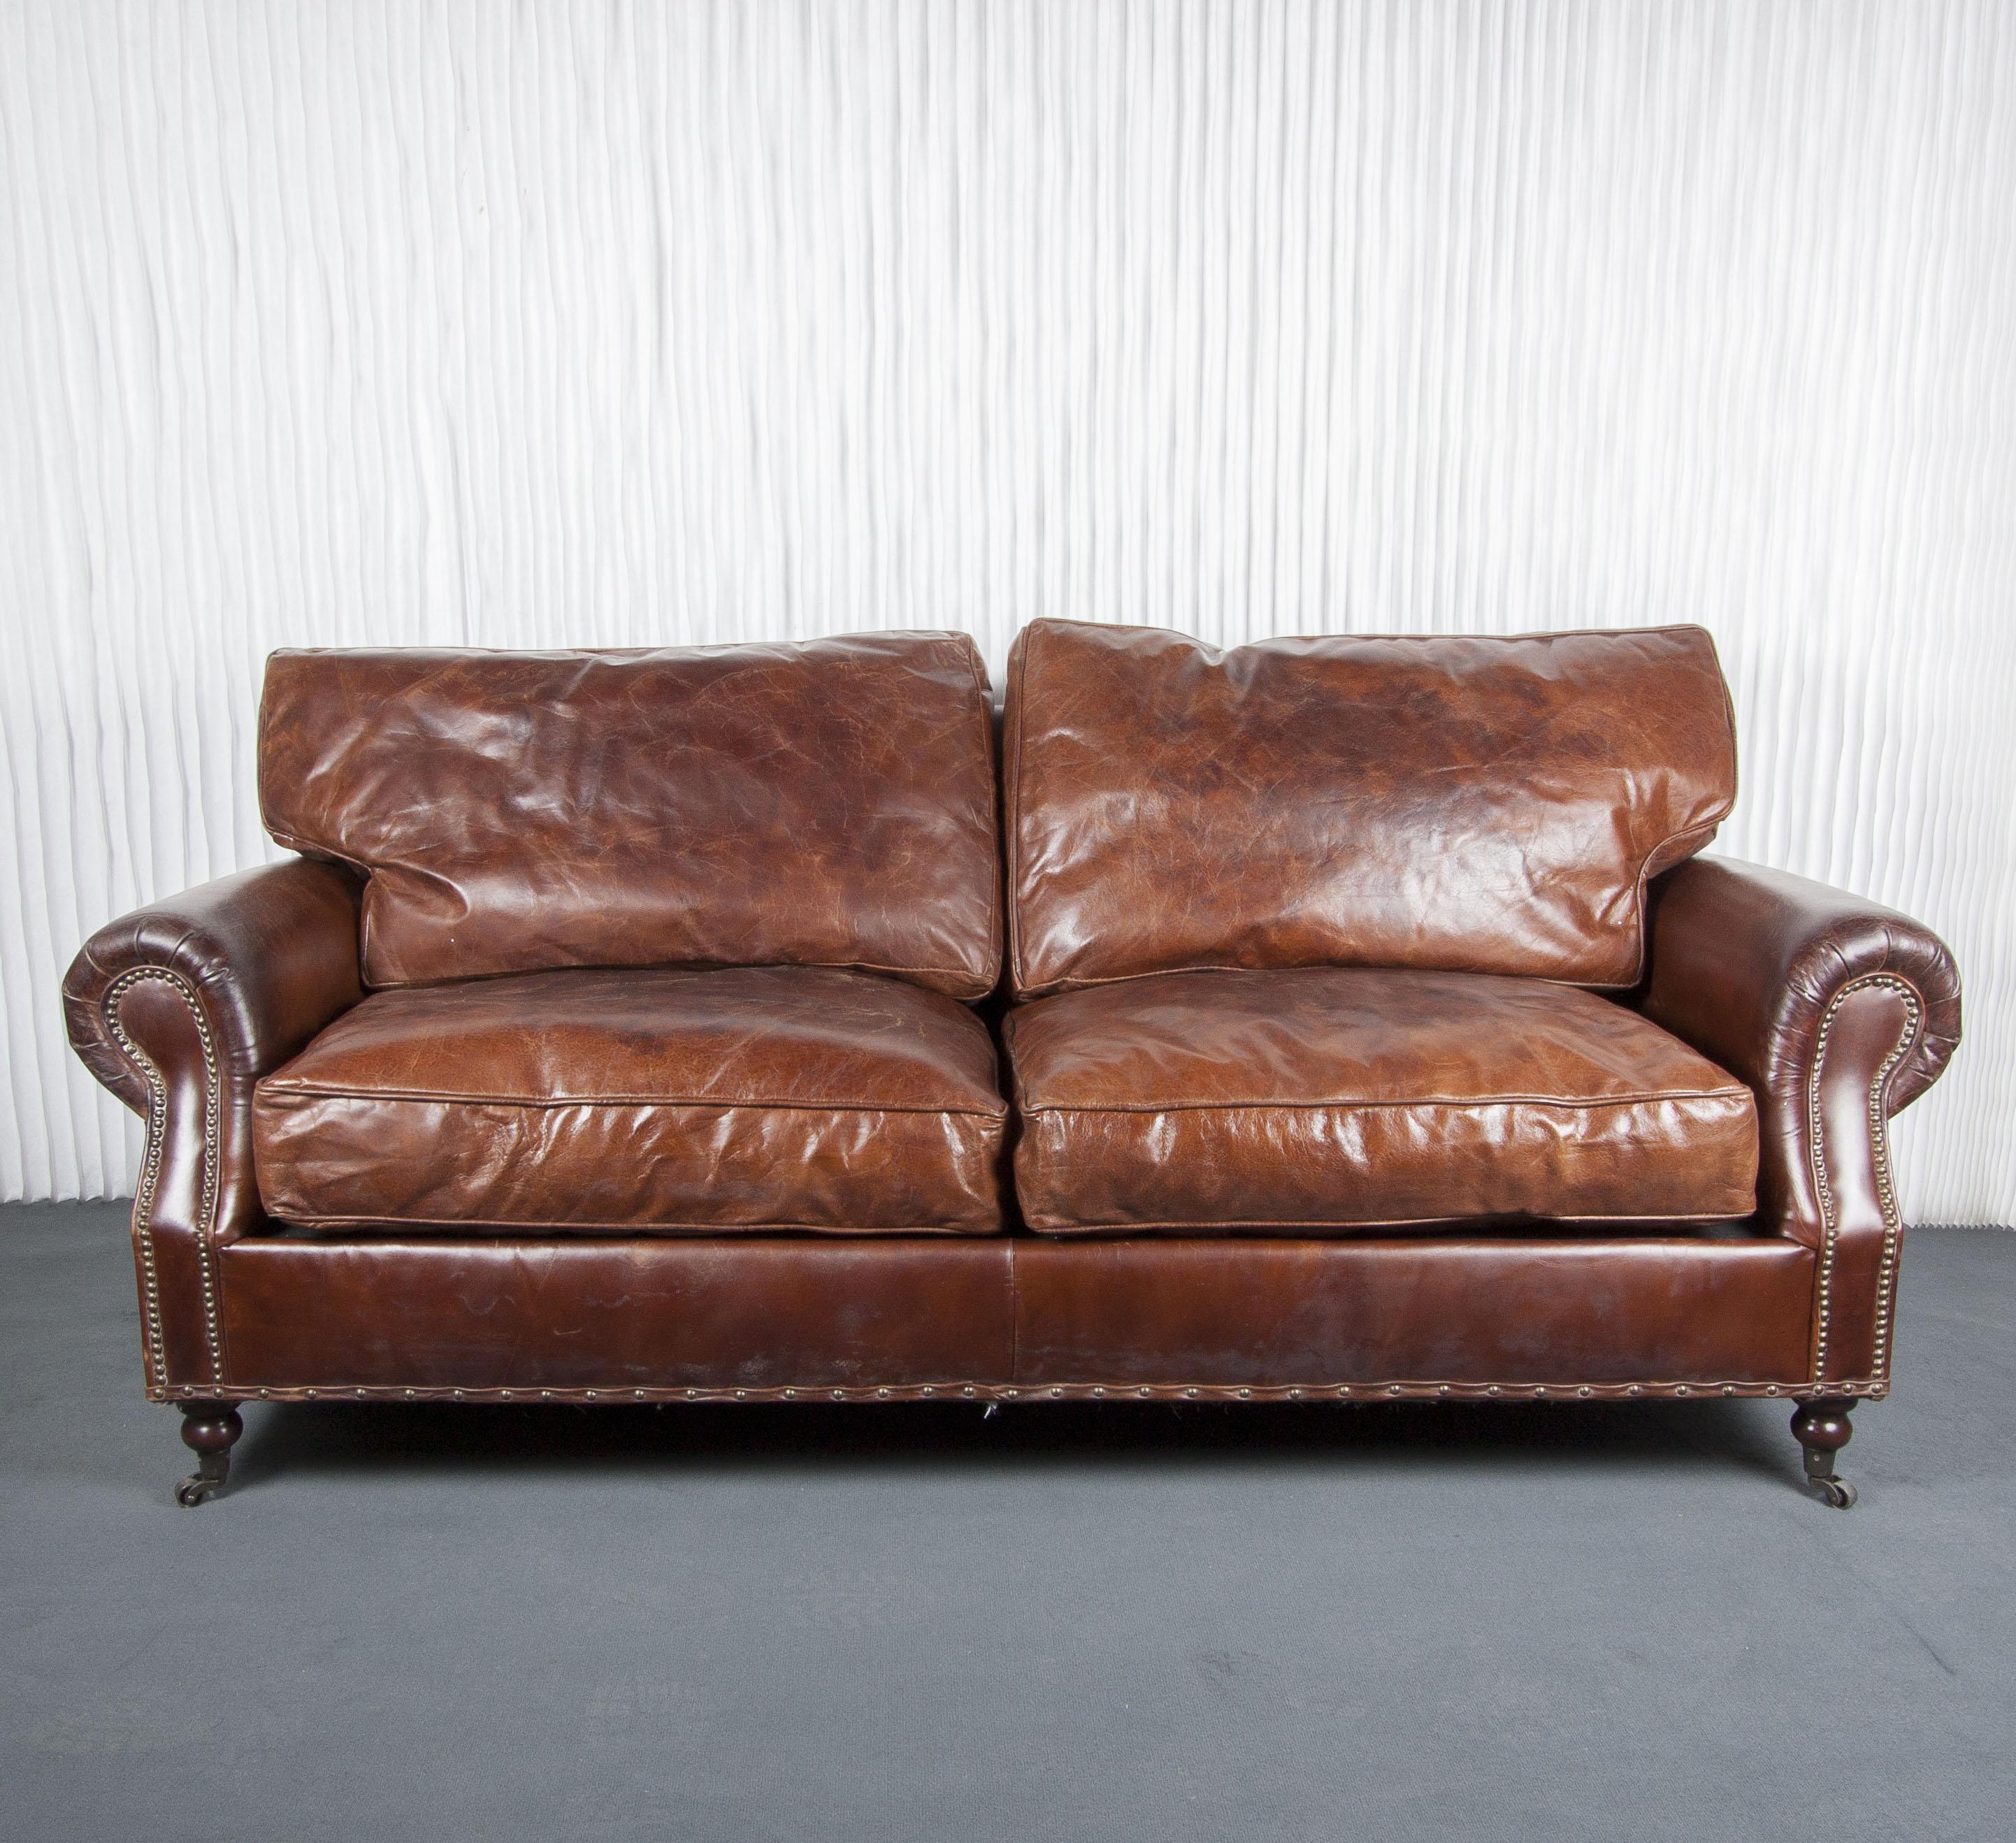 Sofa En Ingles Baci Living Room